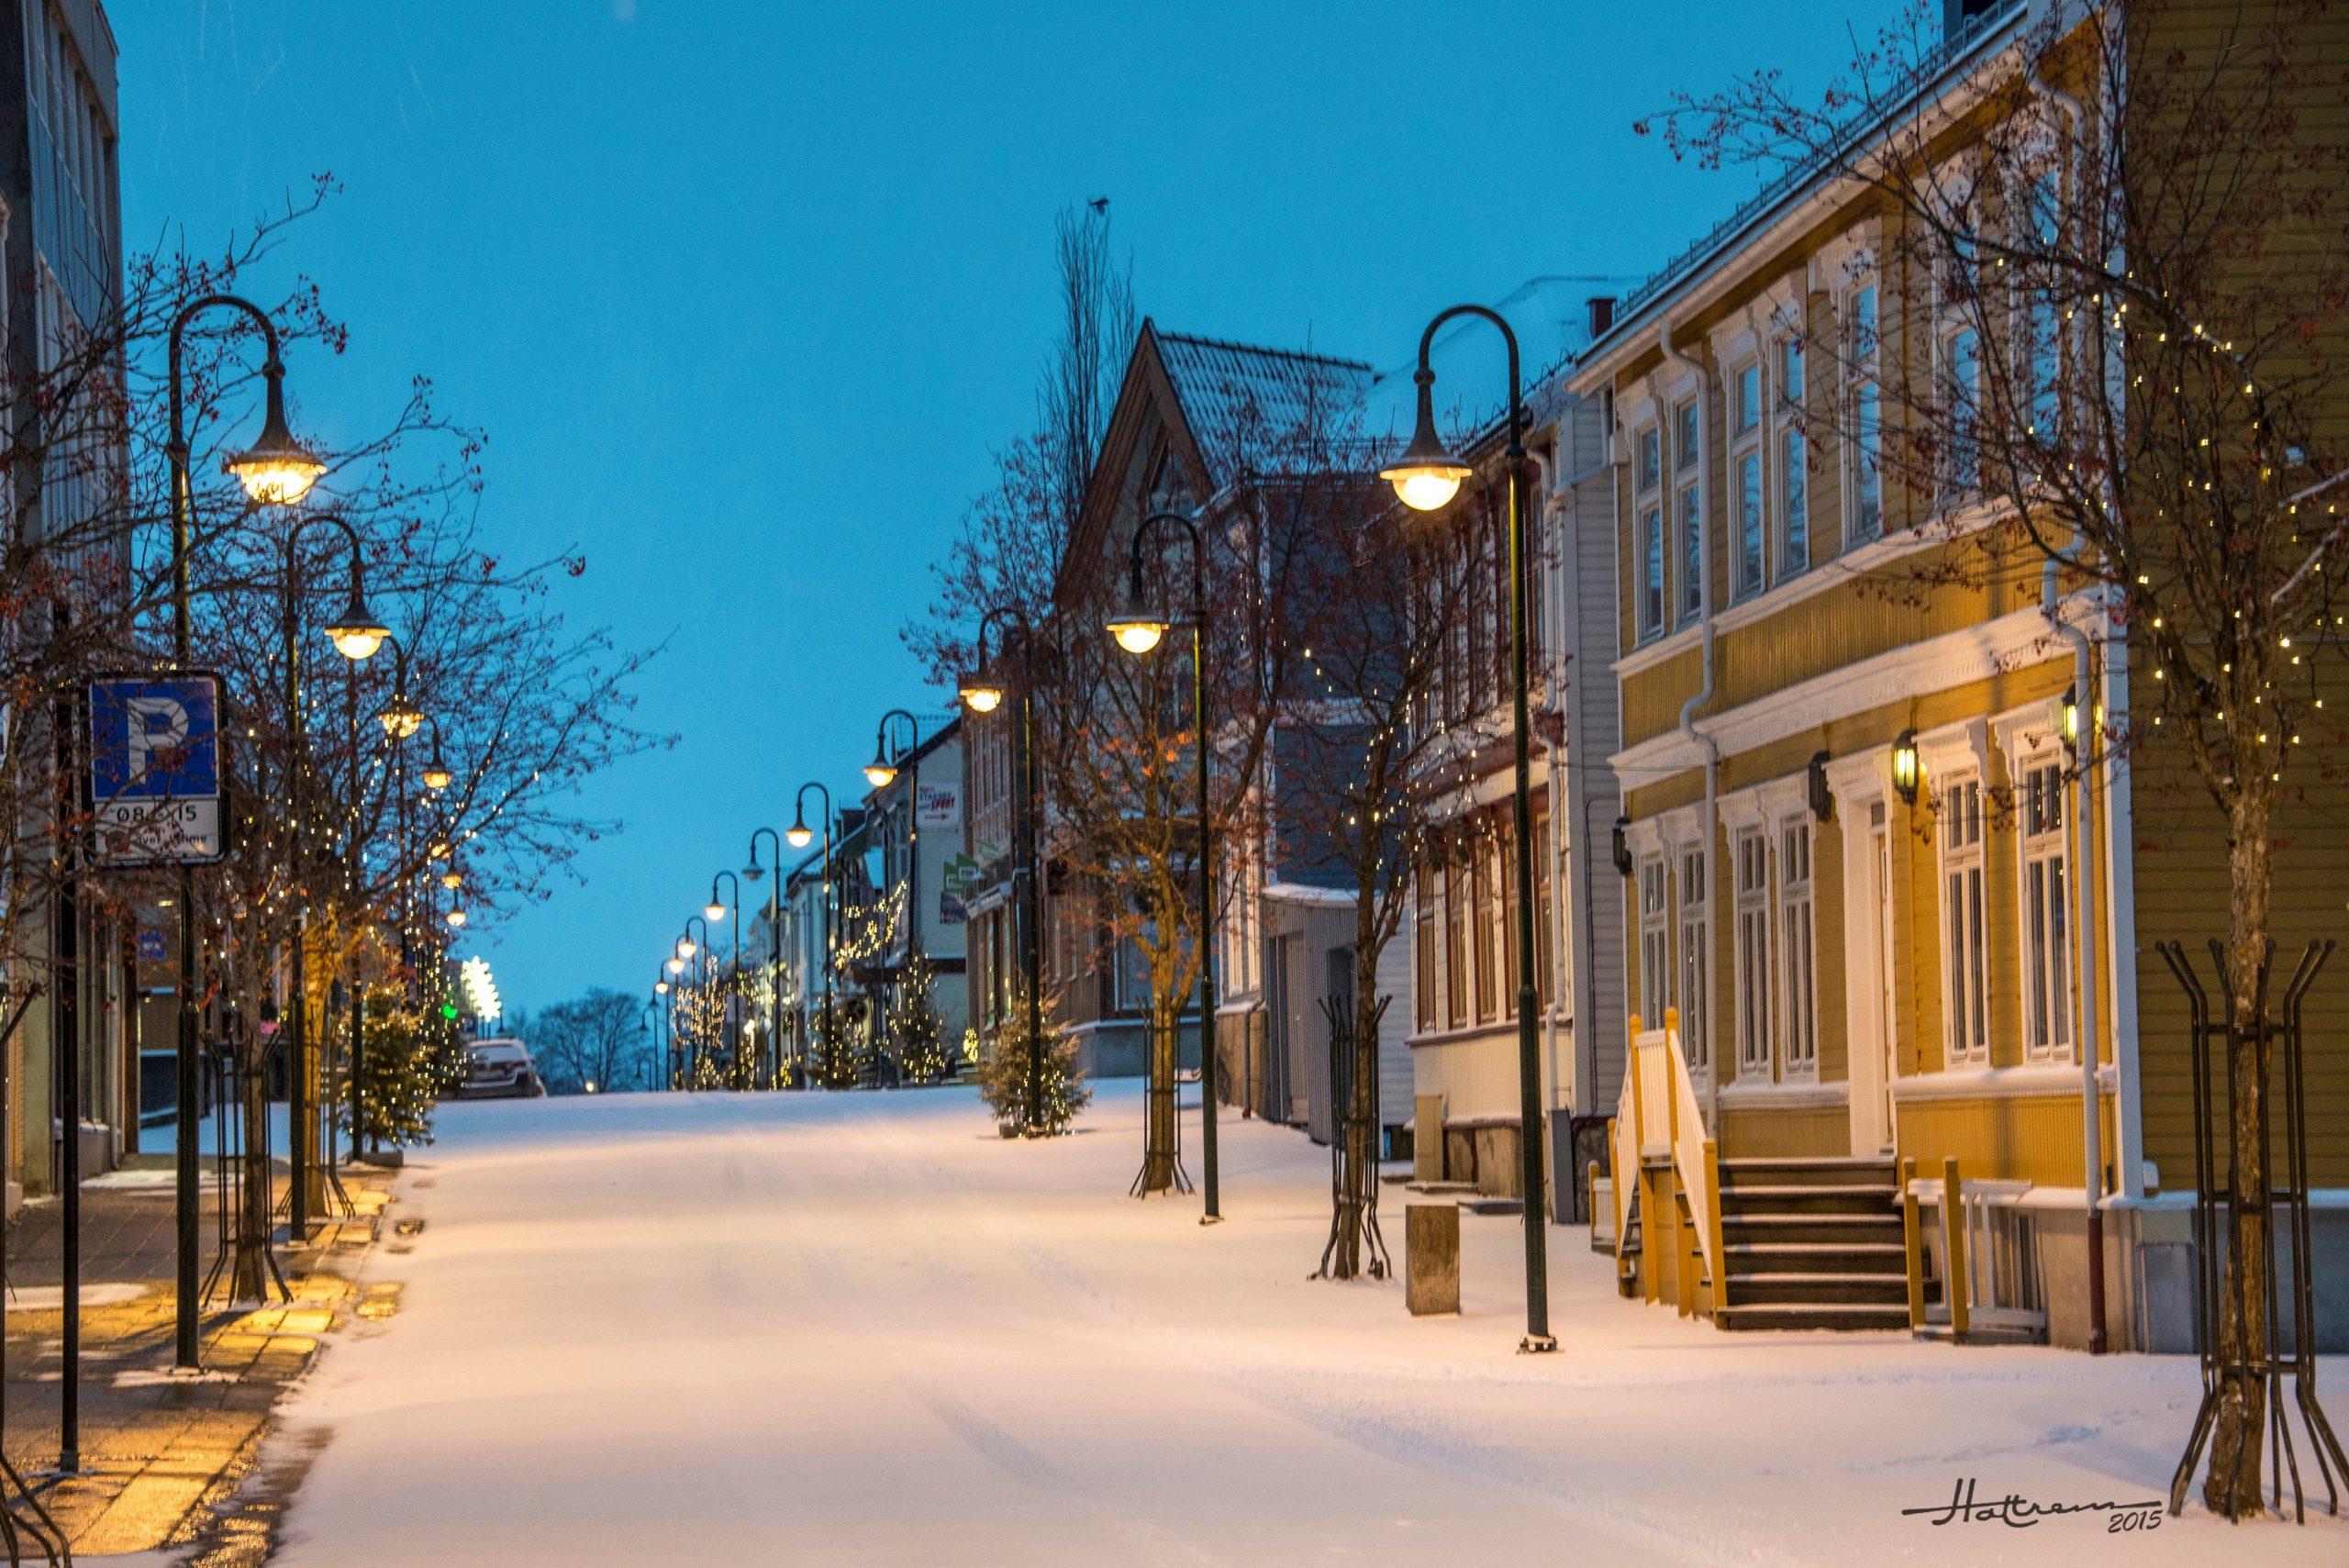 Eit bilete av ei gate i Levanger. Foto tatt av Trond Hattrem, Hattrem AS